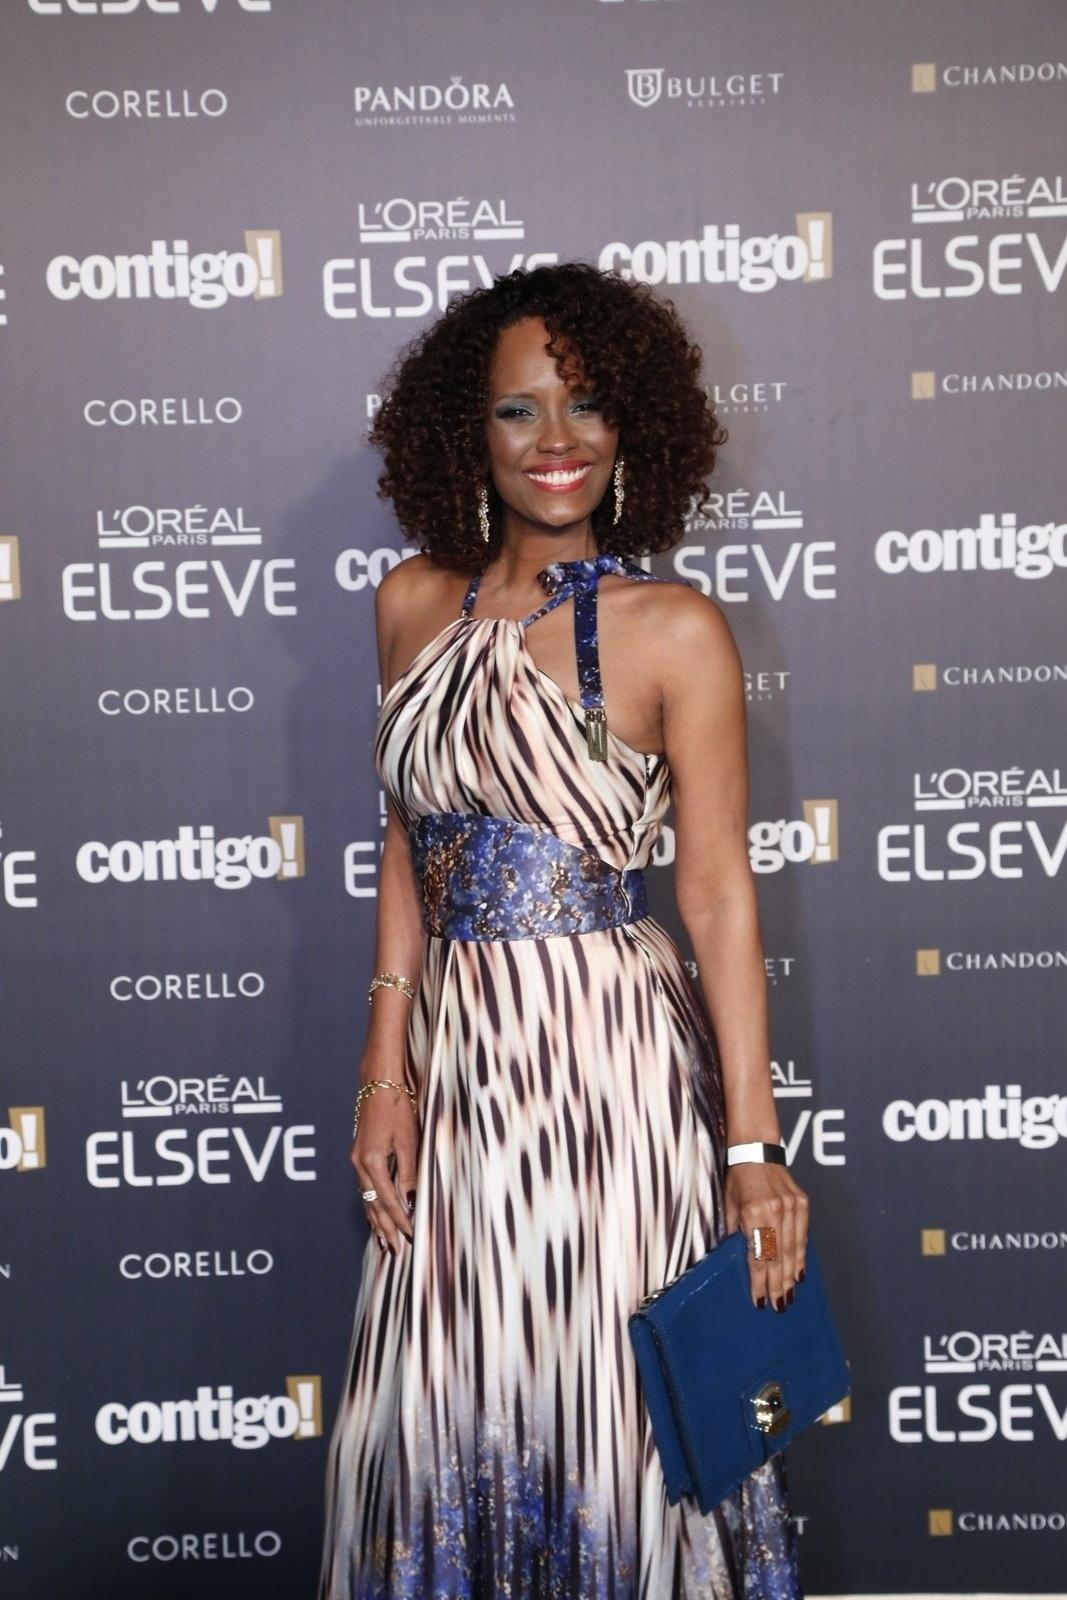 28.jul.2014 - A atriz Isabel Fillardis prestigou a 16ª edição do Prêmio Contigo! de TV, realizado no hotel Copacabana Palace, no Rio